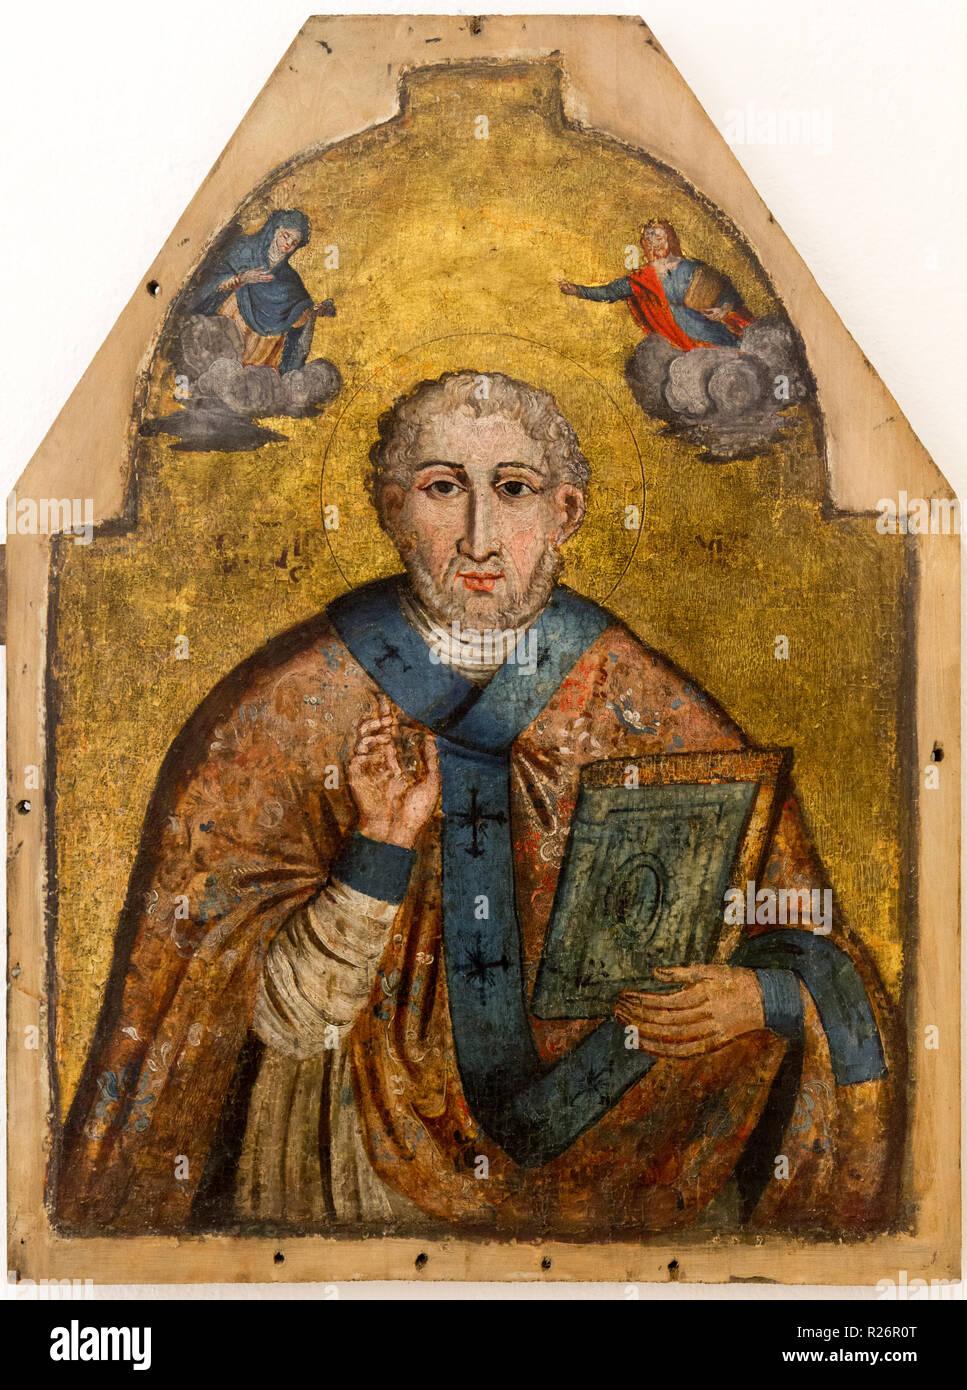 Der Heilige Nikolaus Von Myra Auch Bekannt Als Nikolaus Von Bari